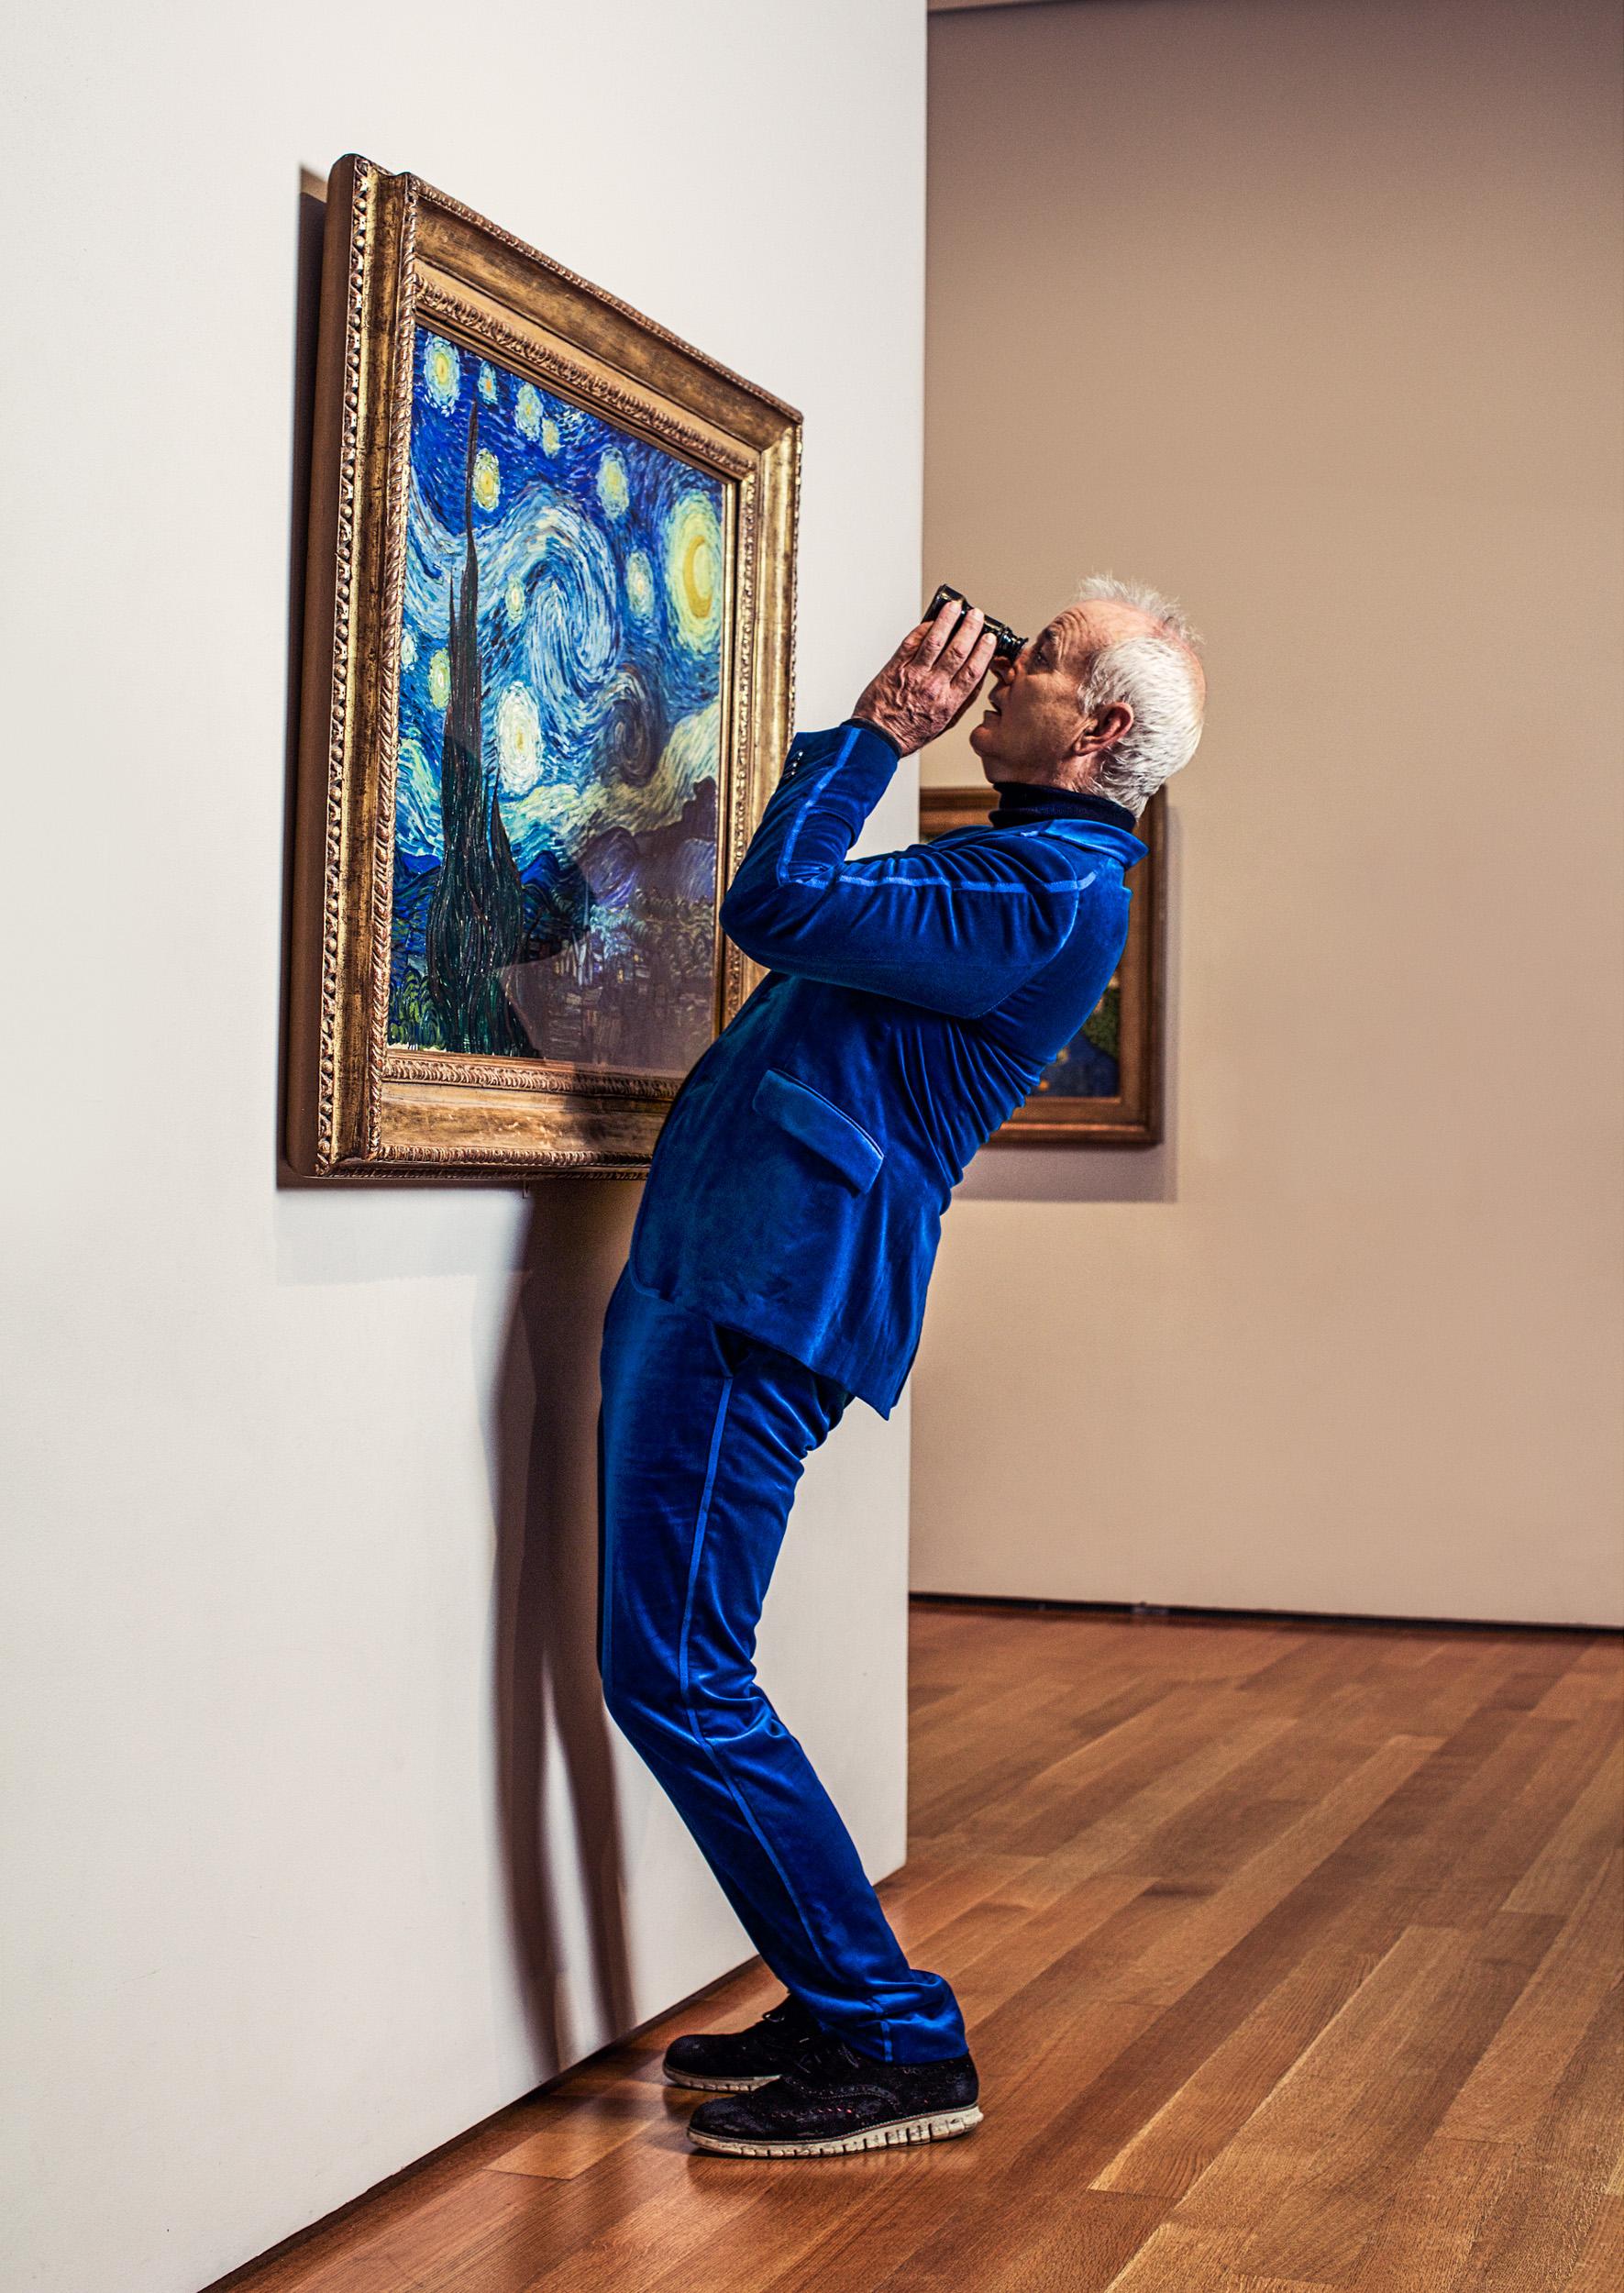 BILL MURRAY. Photographiert im Museum of Modern Art New York mit dem original des %22Nachthimmel%22 von Vincent van Gogh.jpg